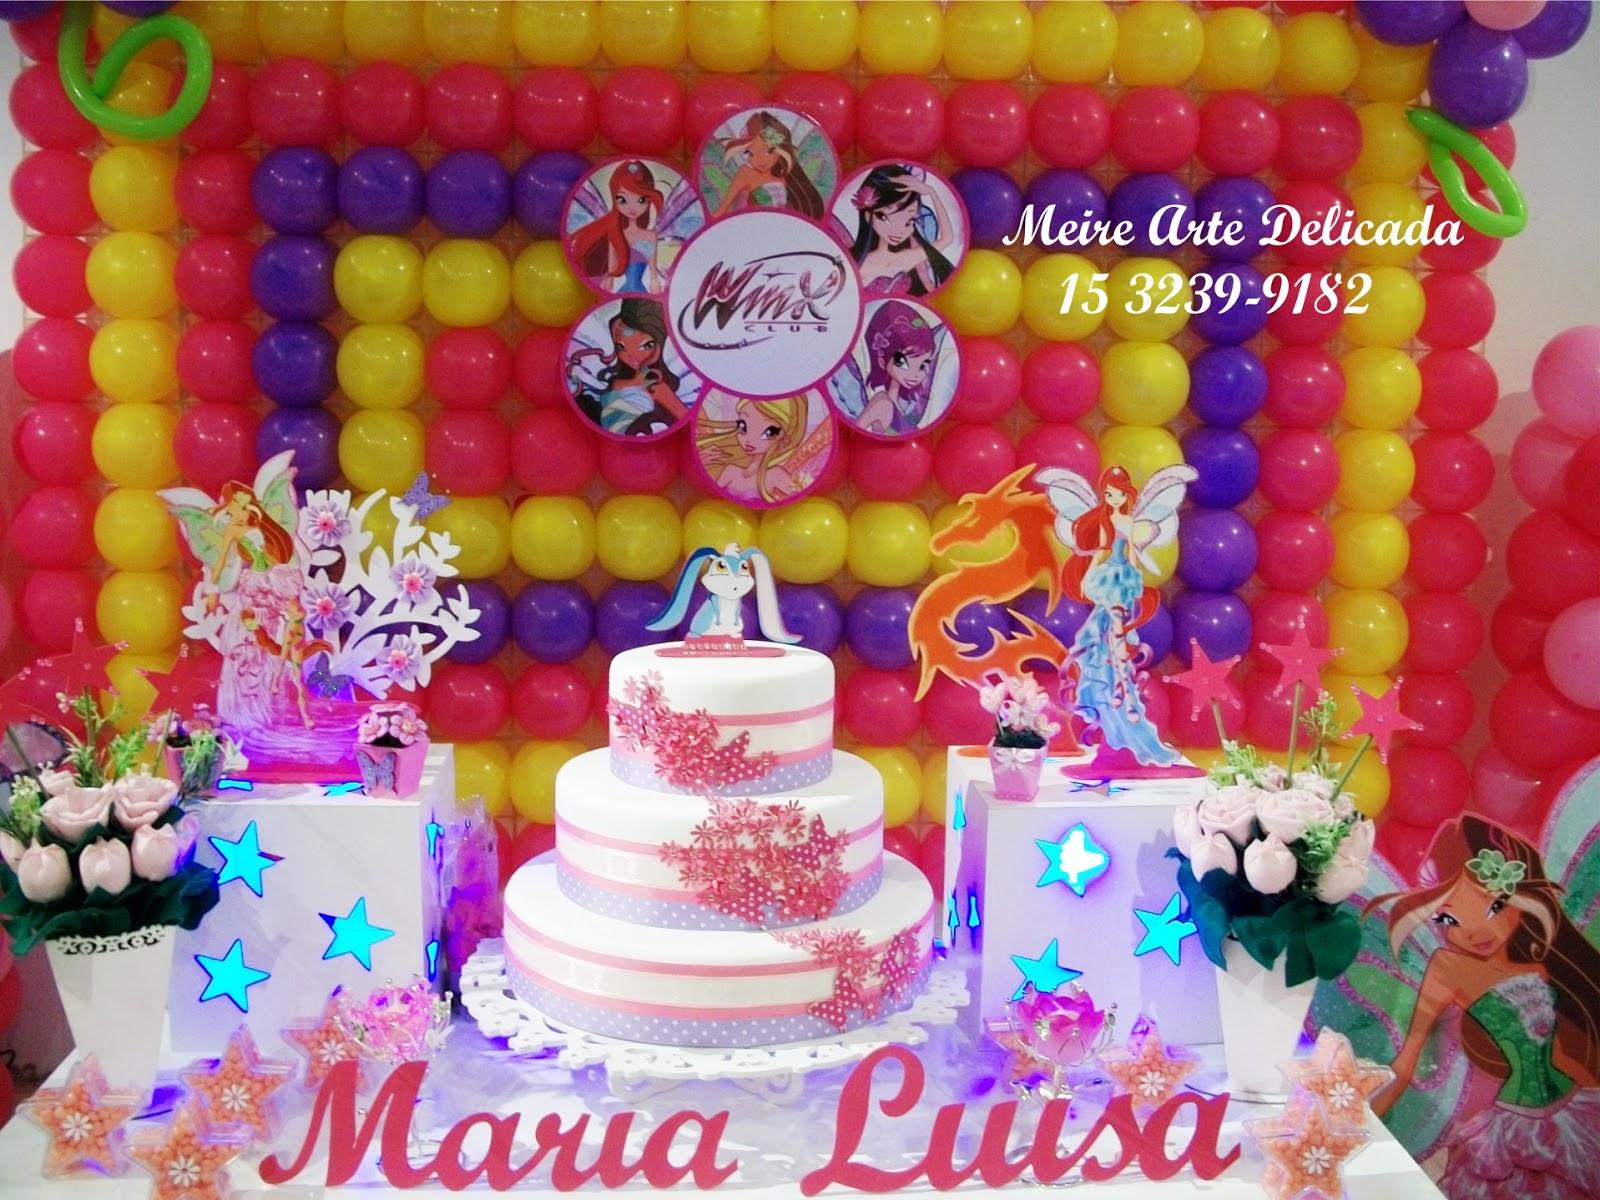 decoracao festa winx:Meire Arte Delicada: Winx Clean!